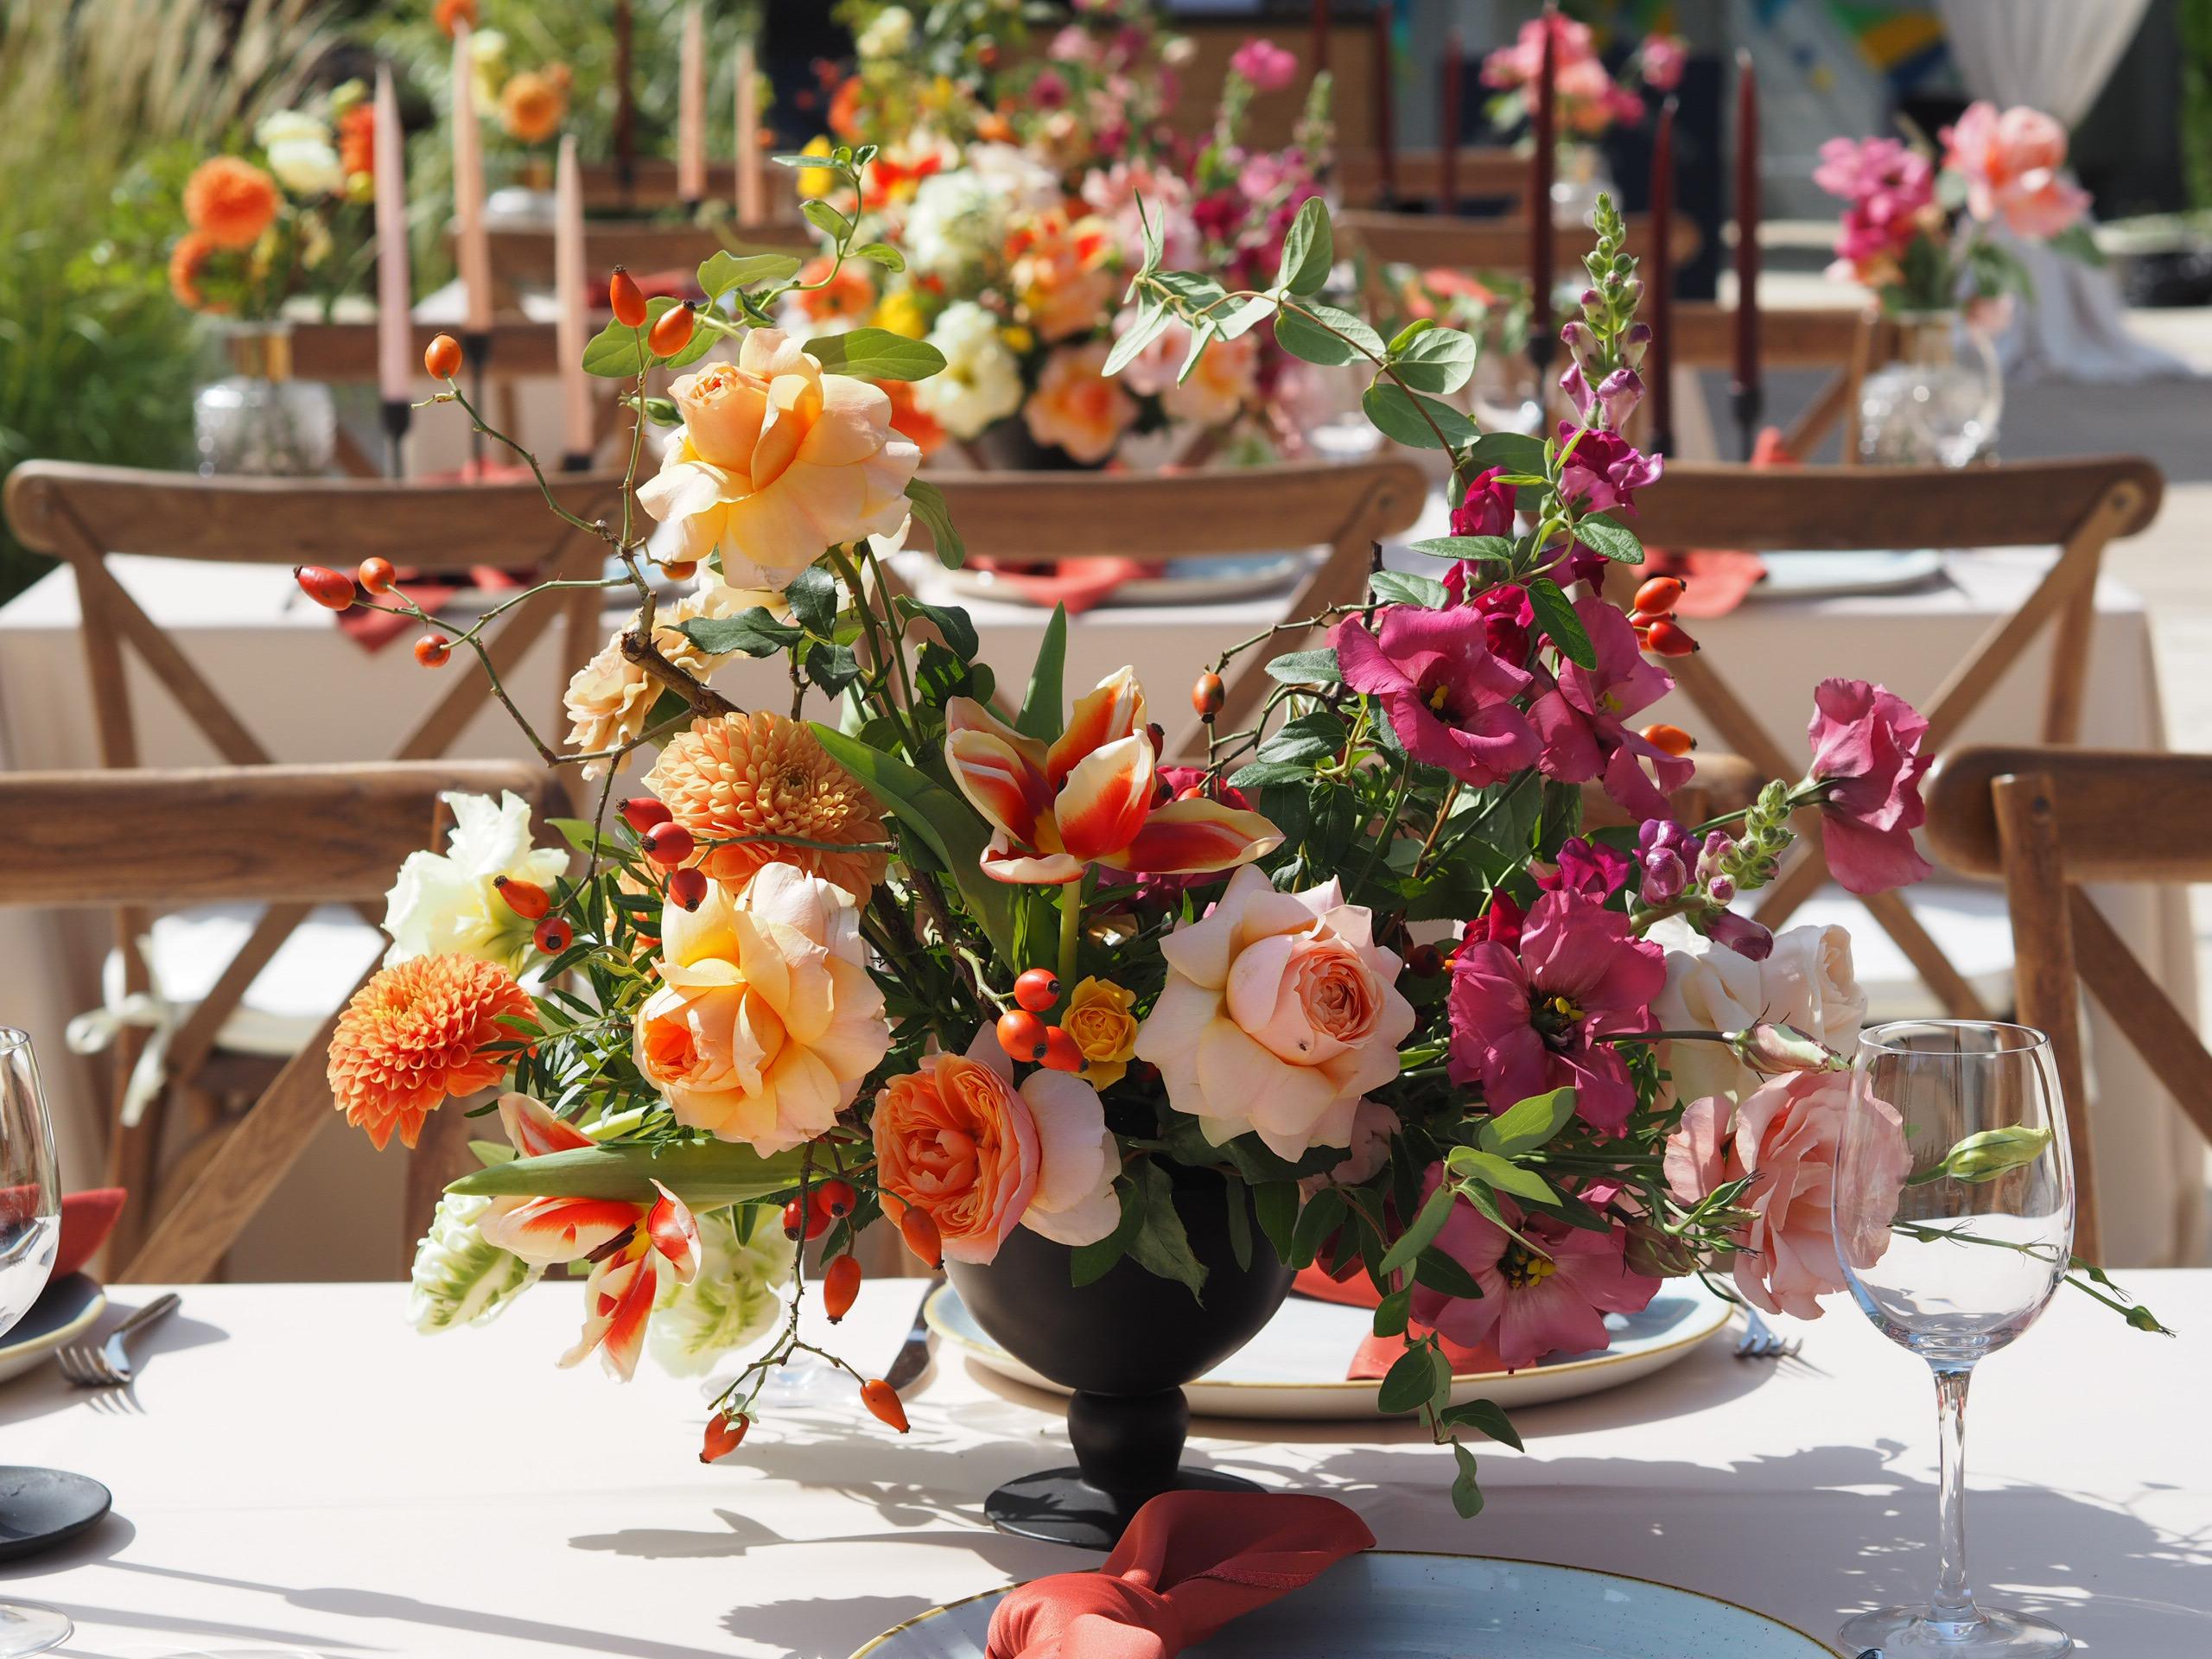 Aranjamente florale IDYLLIC